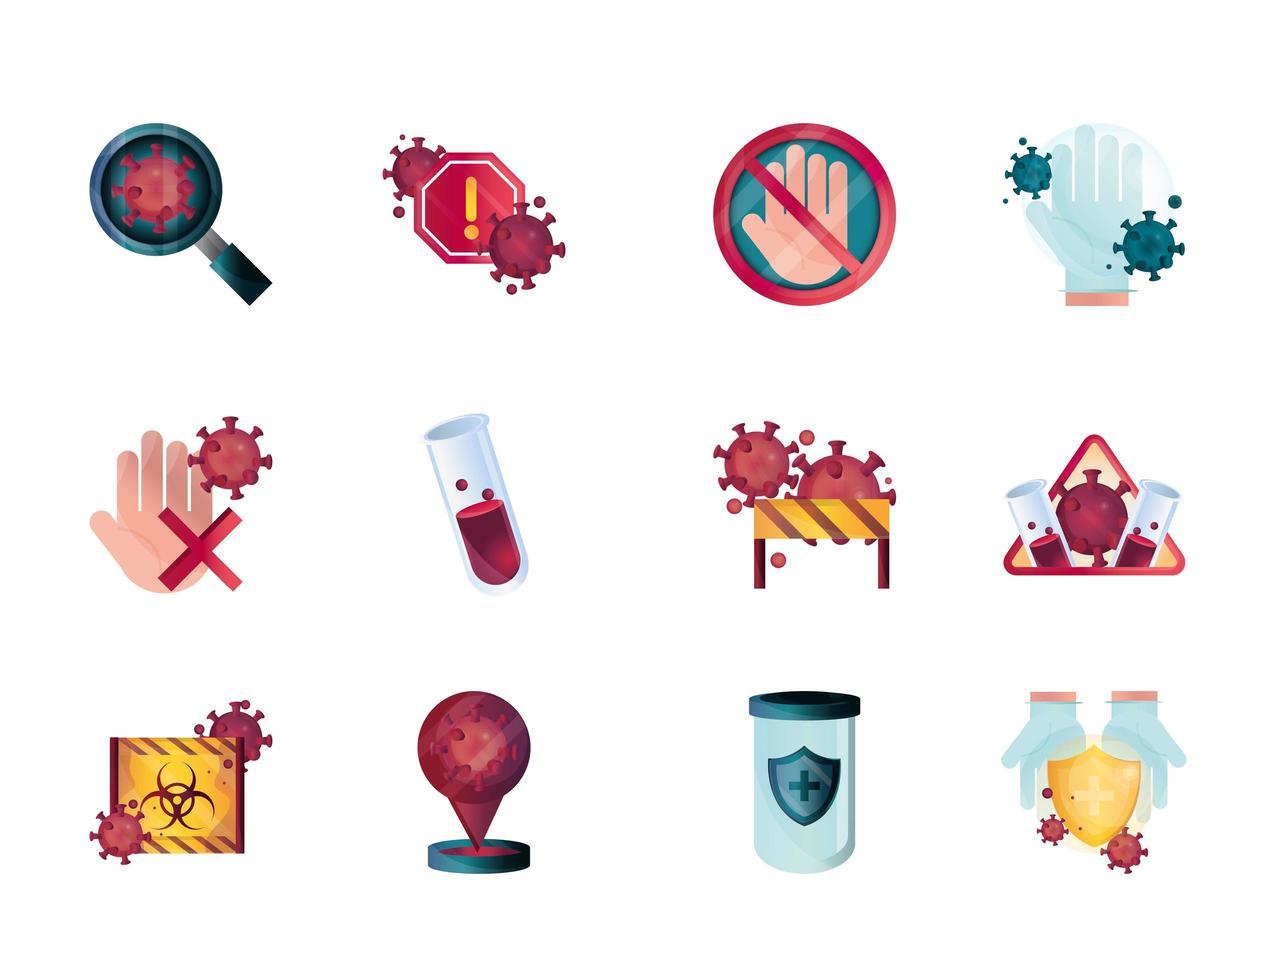 Sammlung von Symbolen zur Kontrolle von Coronaviren und Virusinfektionen vektor